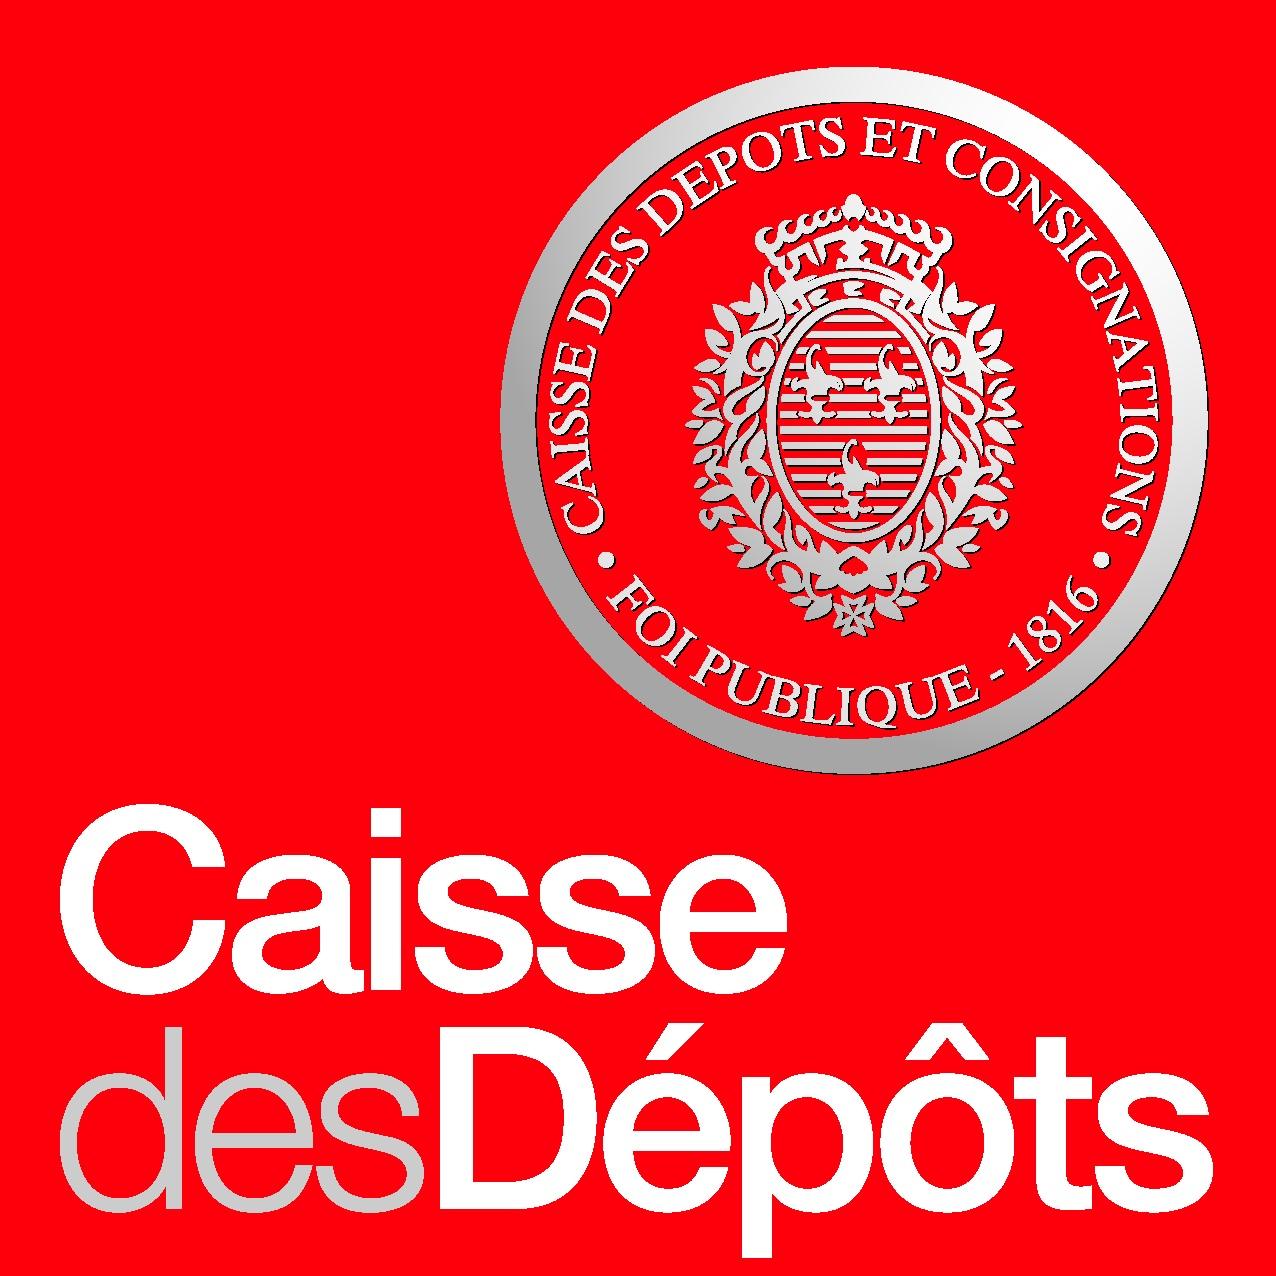 CAISSE DES DEPOTS ET CONSIGNATIONS